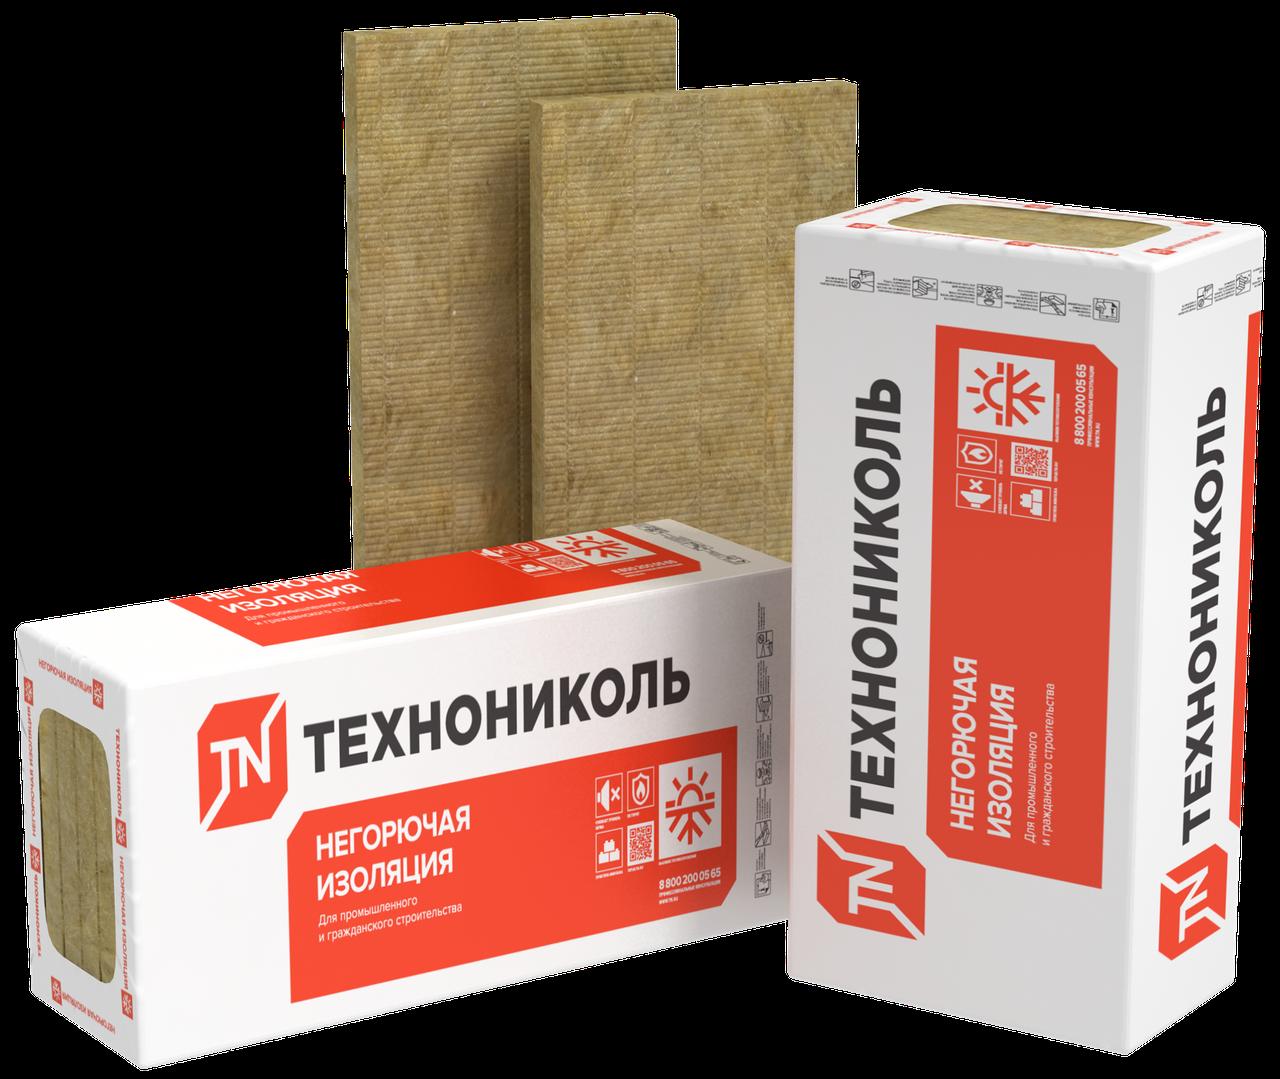 Вата мінеральна Sweetondale Техноруф Проф, 160 кг/куб.м 50 мм